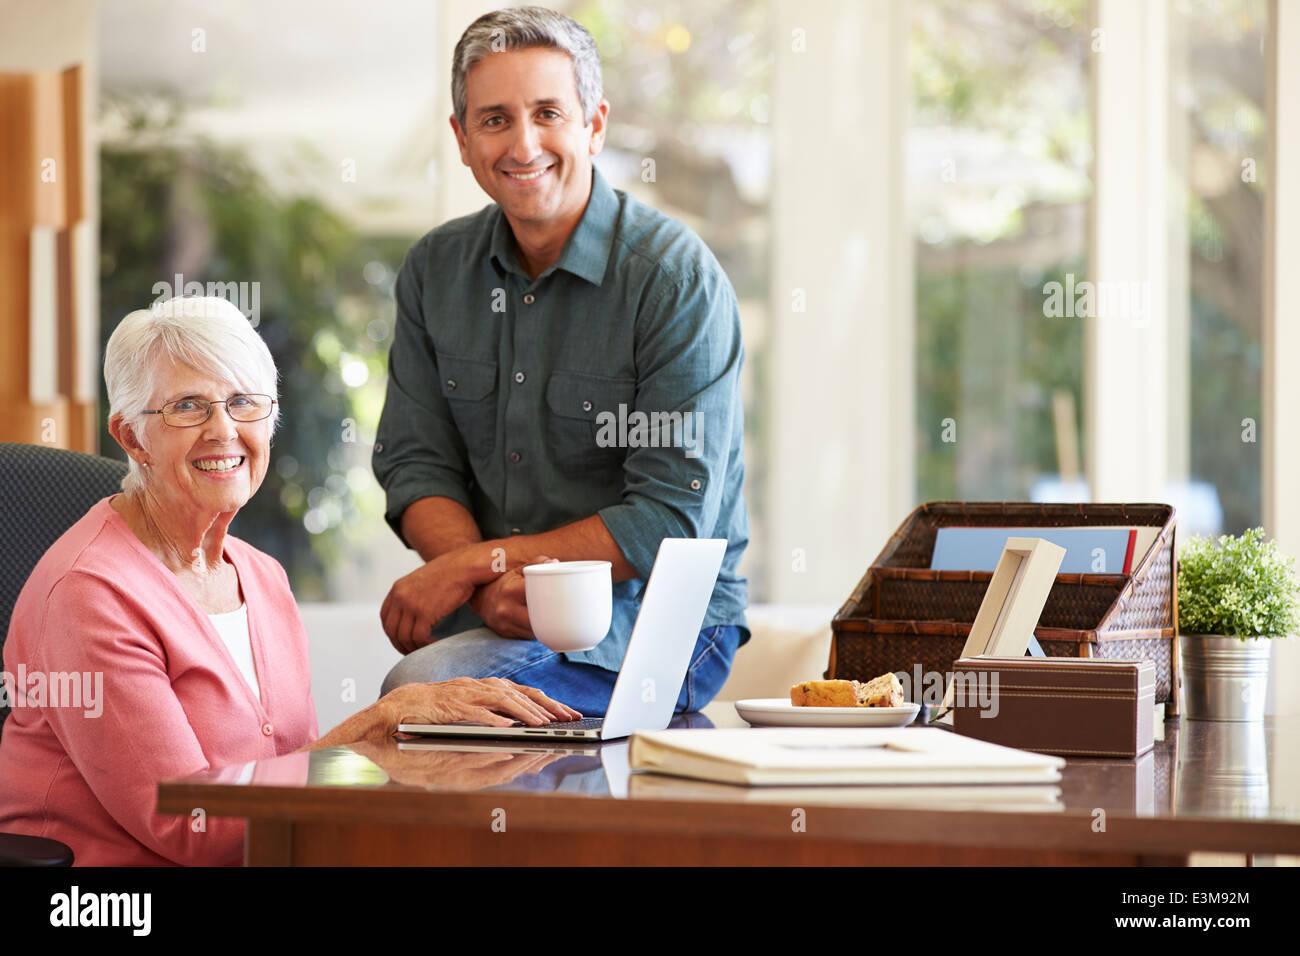 Hijo adulto, ayudando a la madre con portátil Imagen De Stock